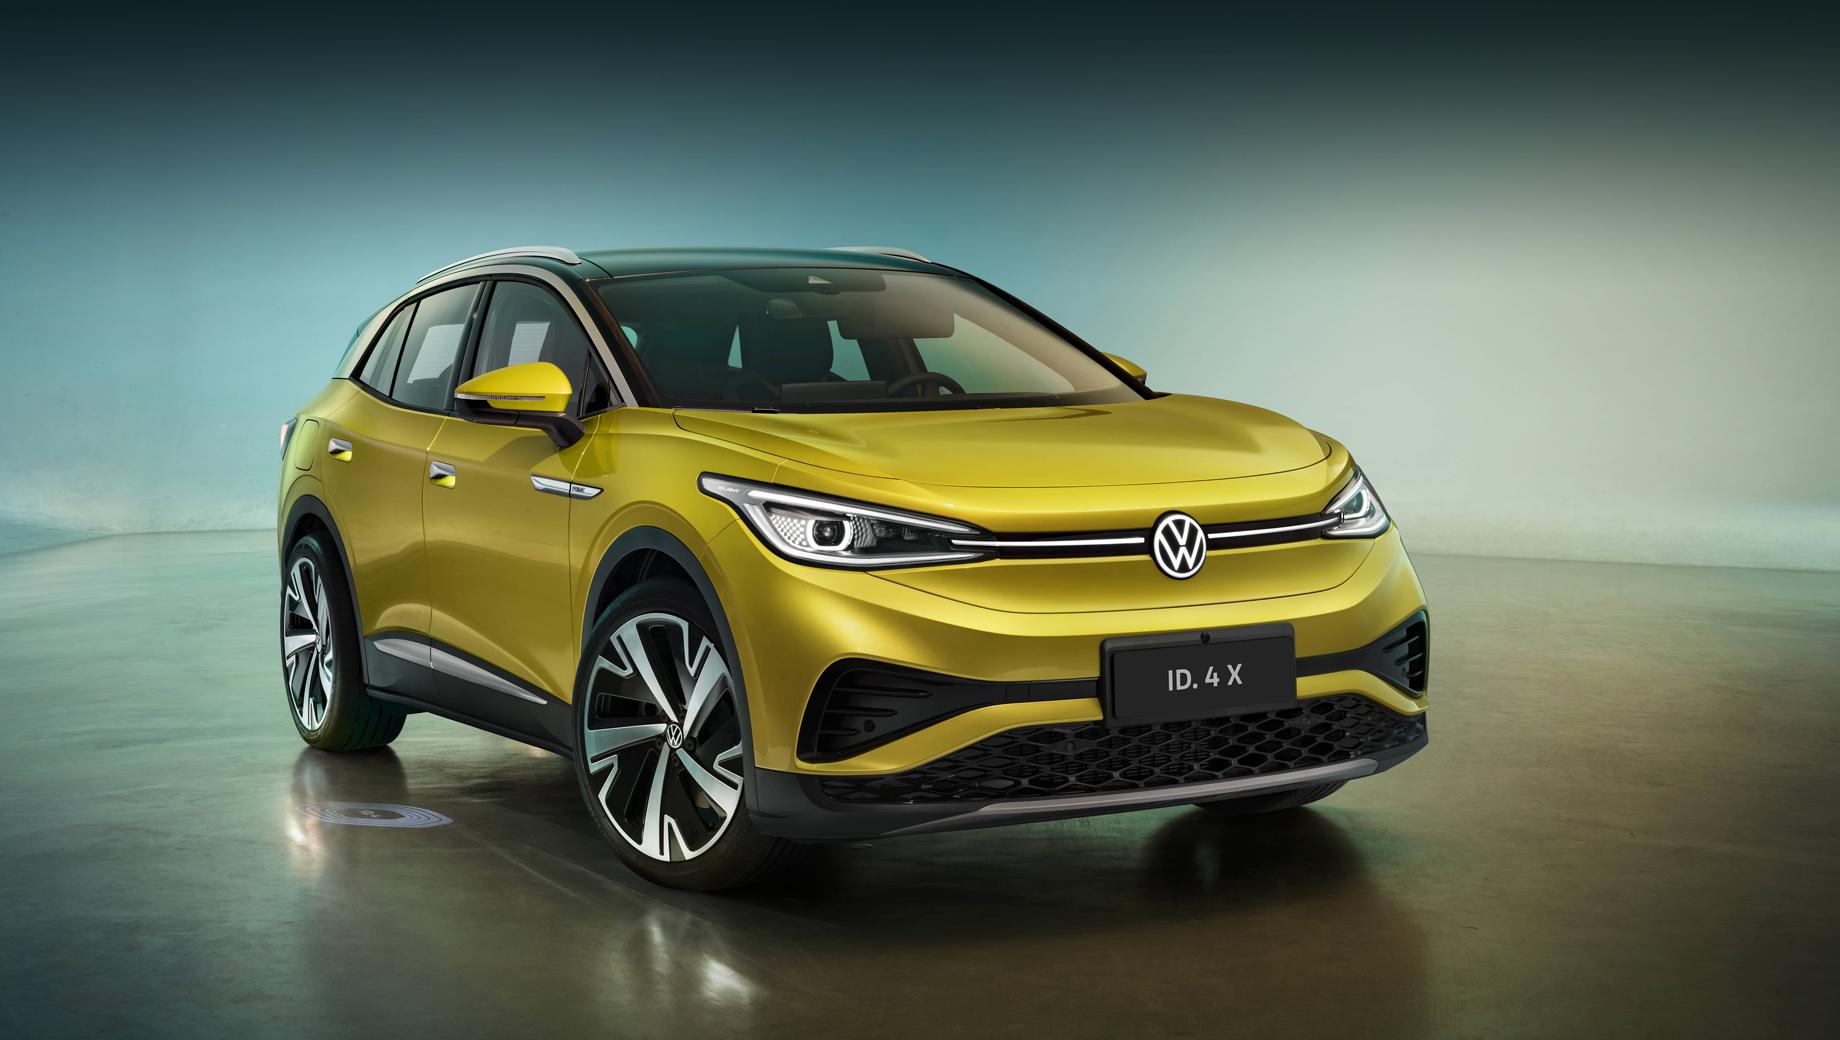 Электрокроссовер Volkswagen ID.4 X дебютировал в Китае